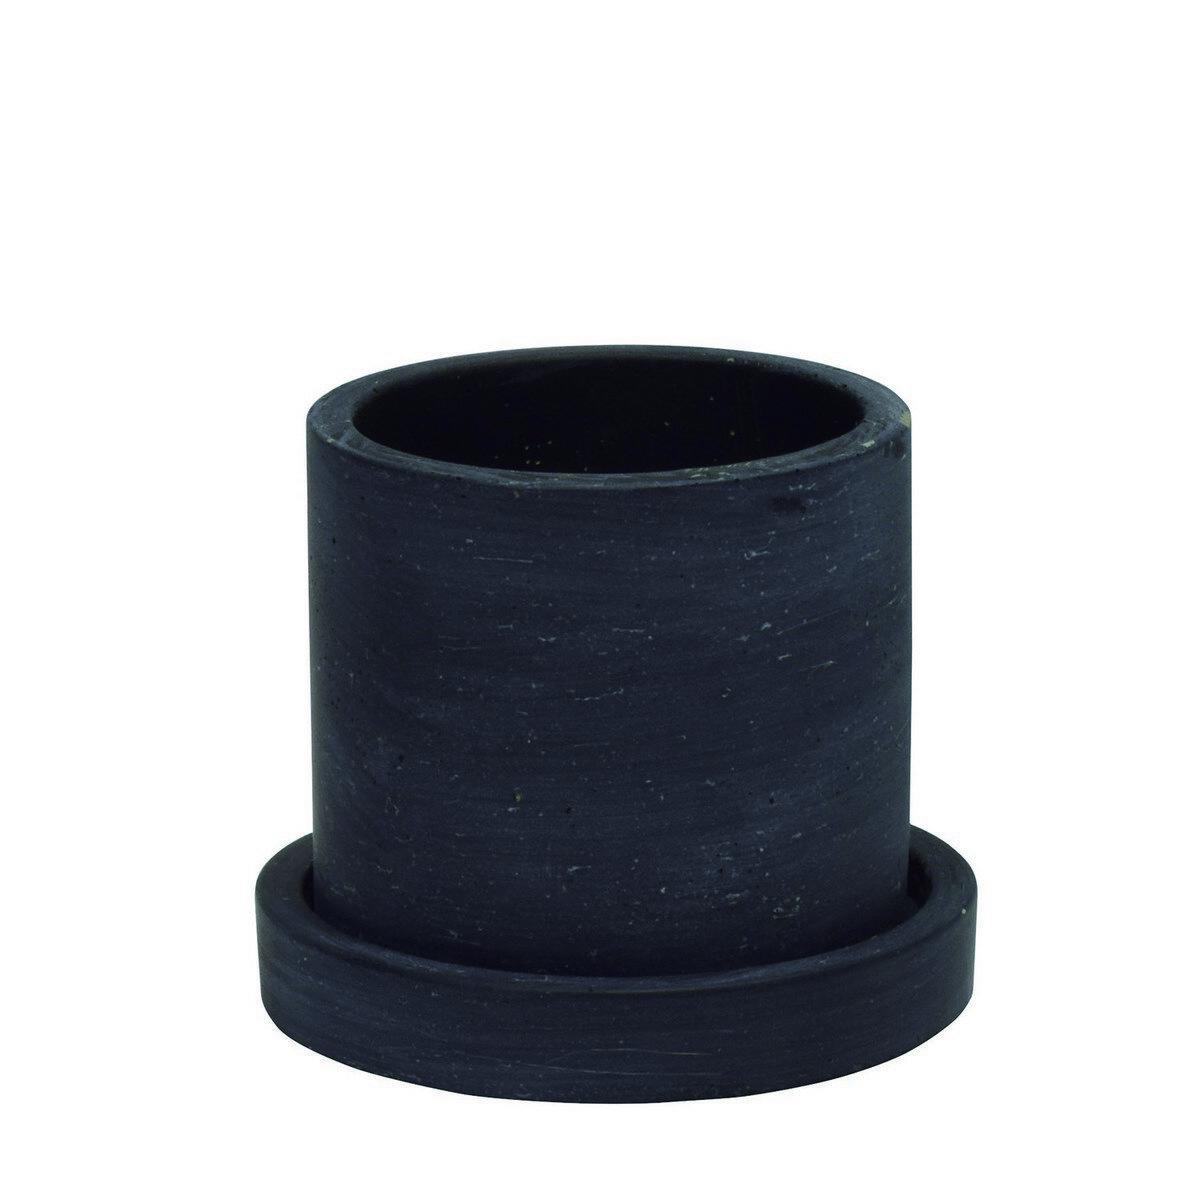 CARNAC/セメントポットサークルS-BK/WJ15BK【01】【01】【取寄】[4個]《 ガーデニング用品 ポット・鉢 セメント 》